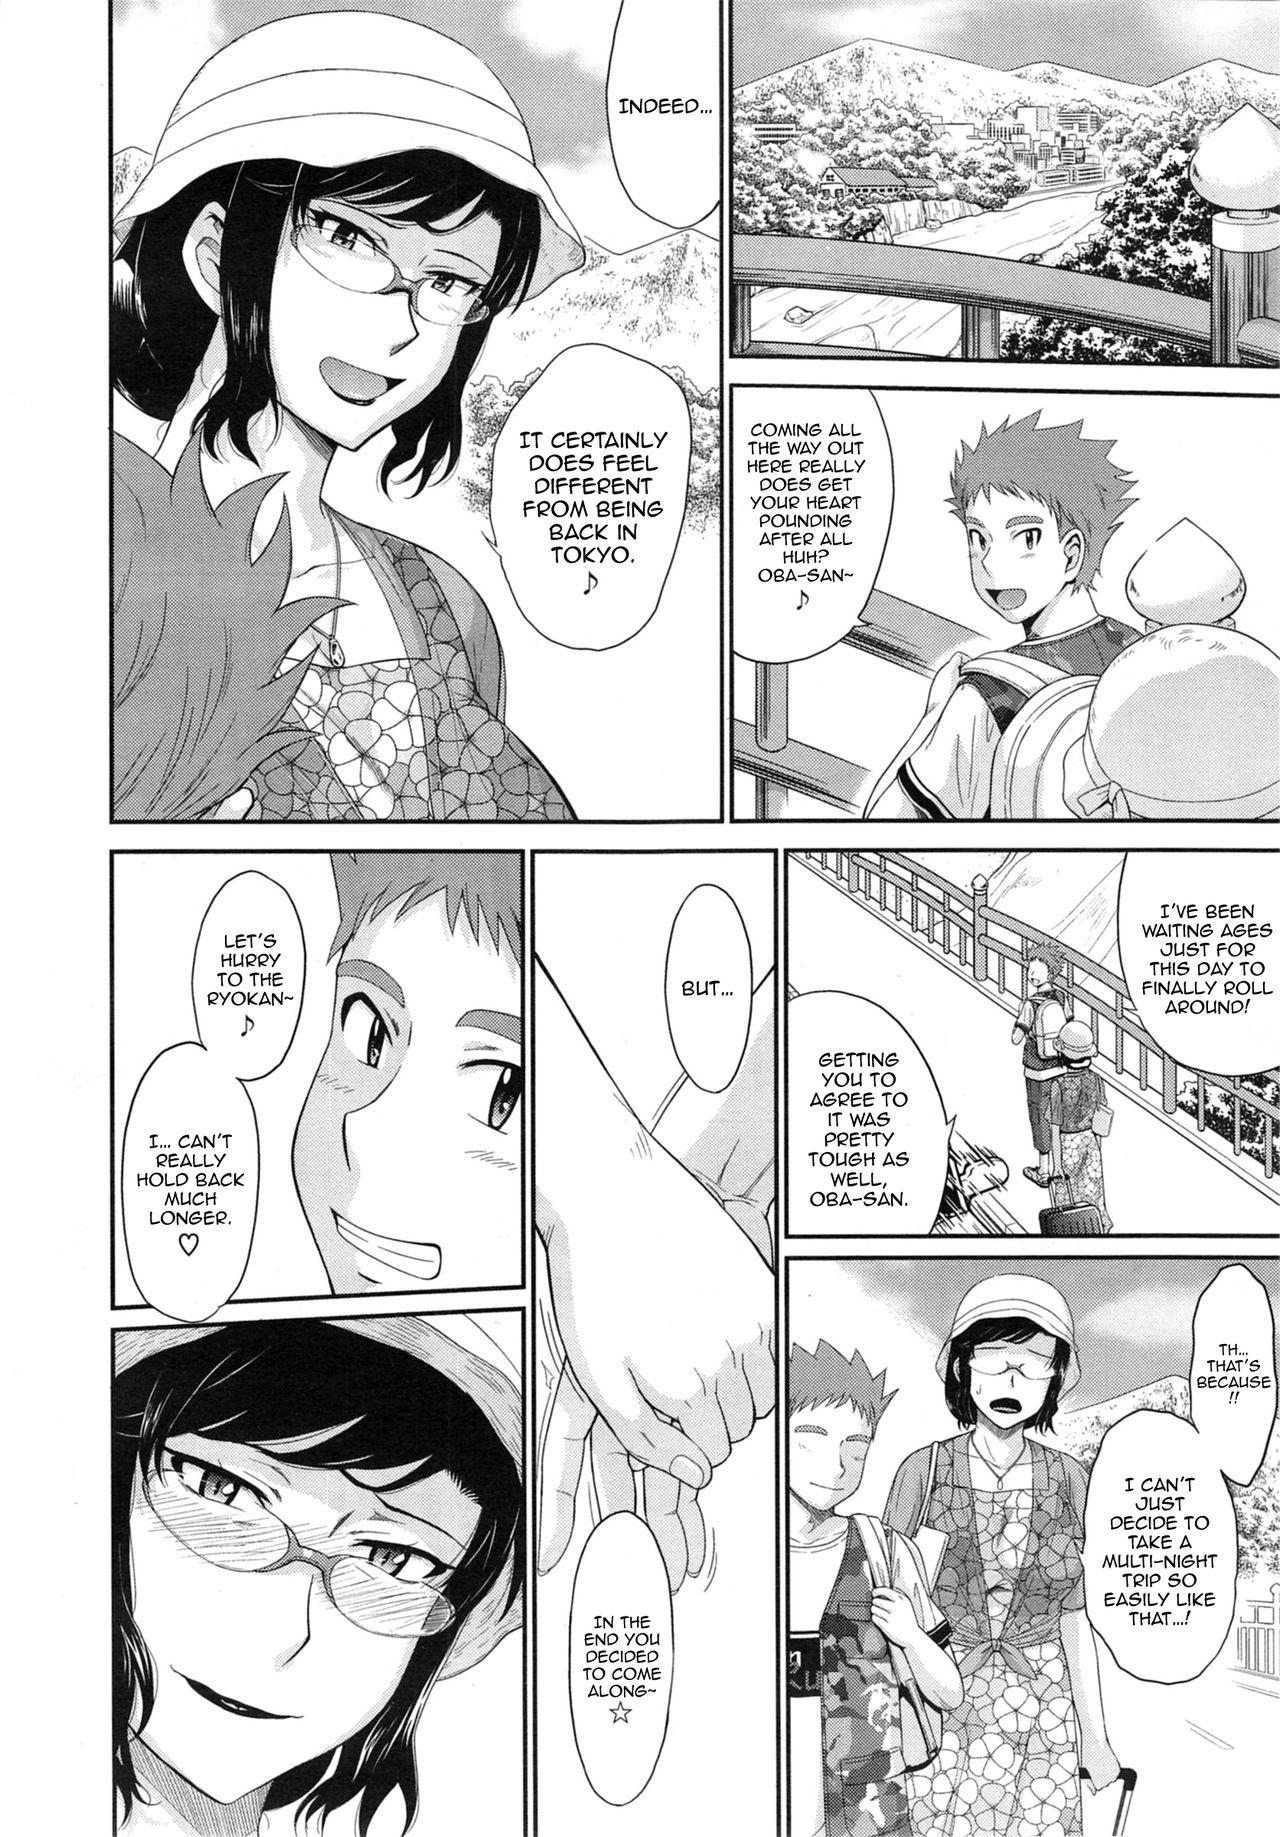 Yukemuri Jouwa - A Steamy Love Story 1